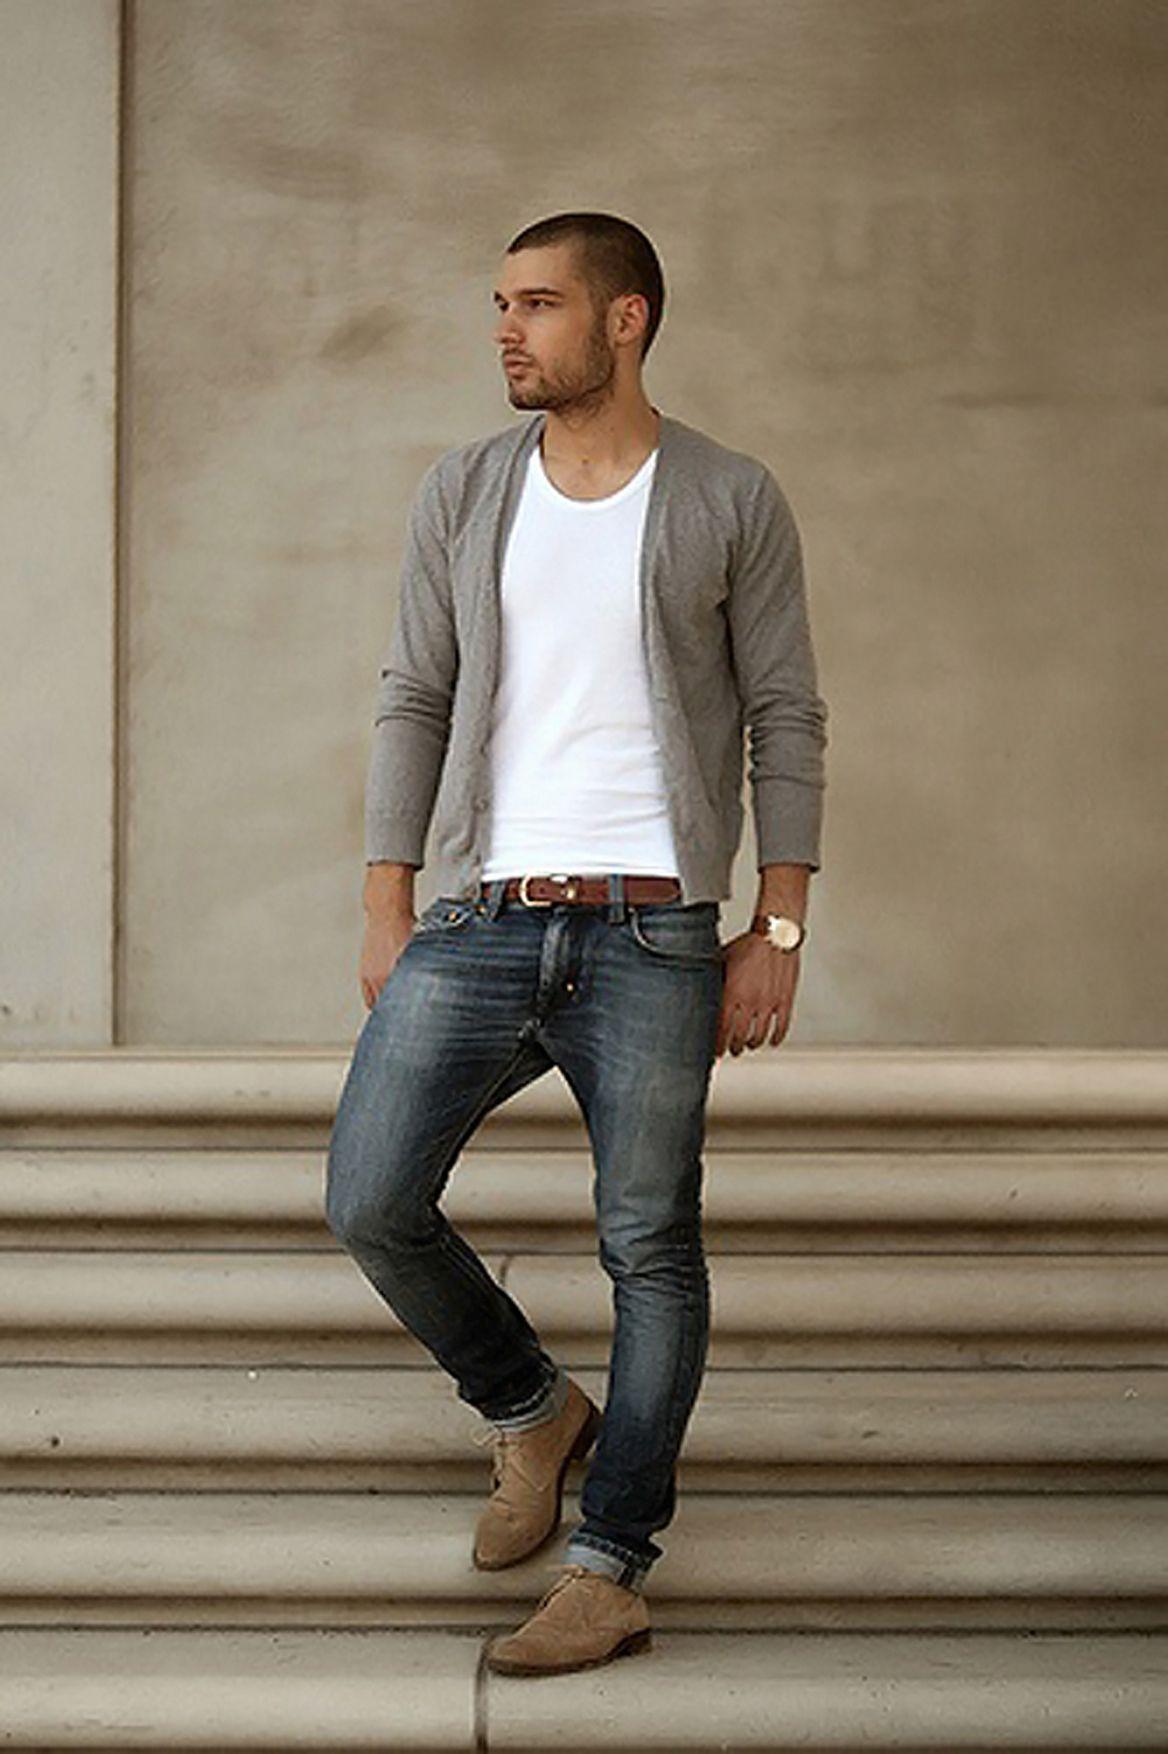 Cardigan en coton gris clair sur tee shirt blanc à col dégagé (Zara).